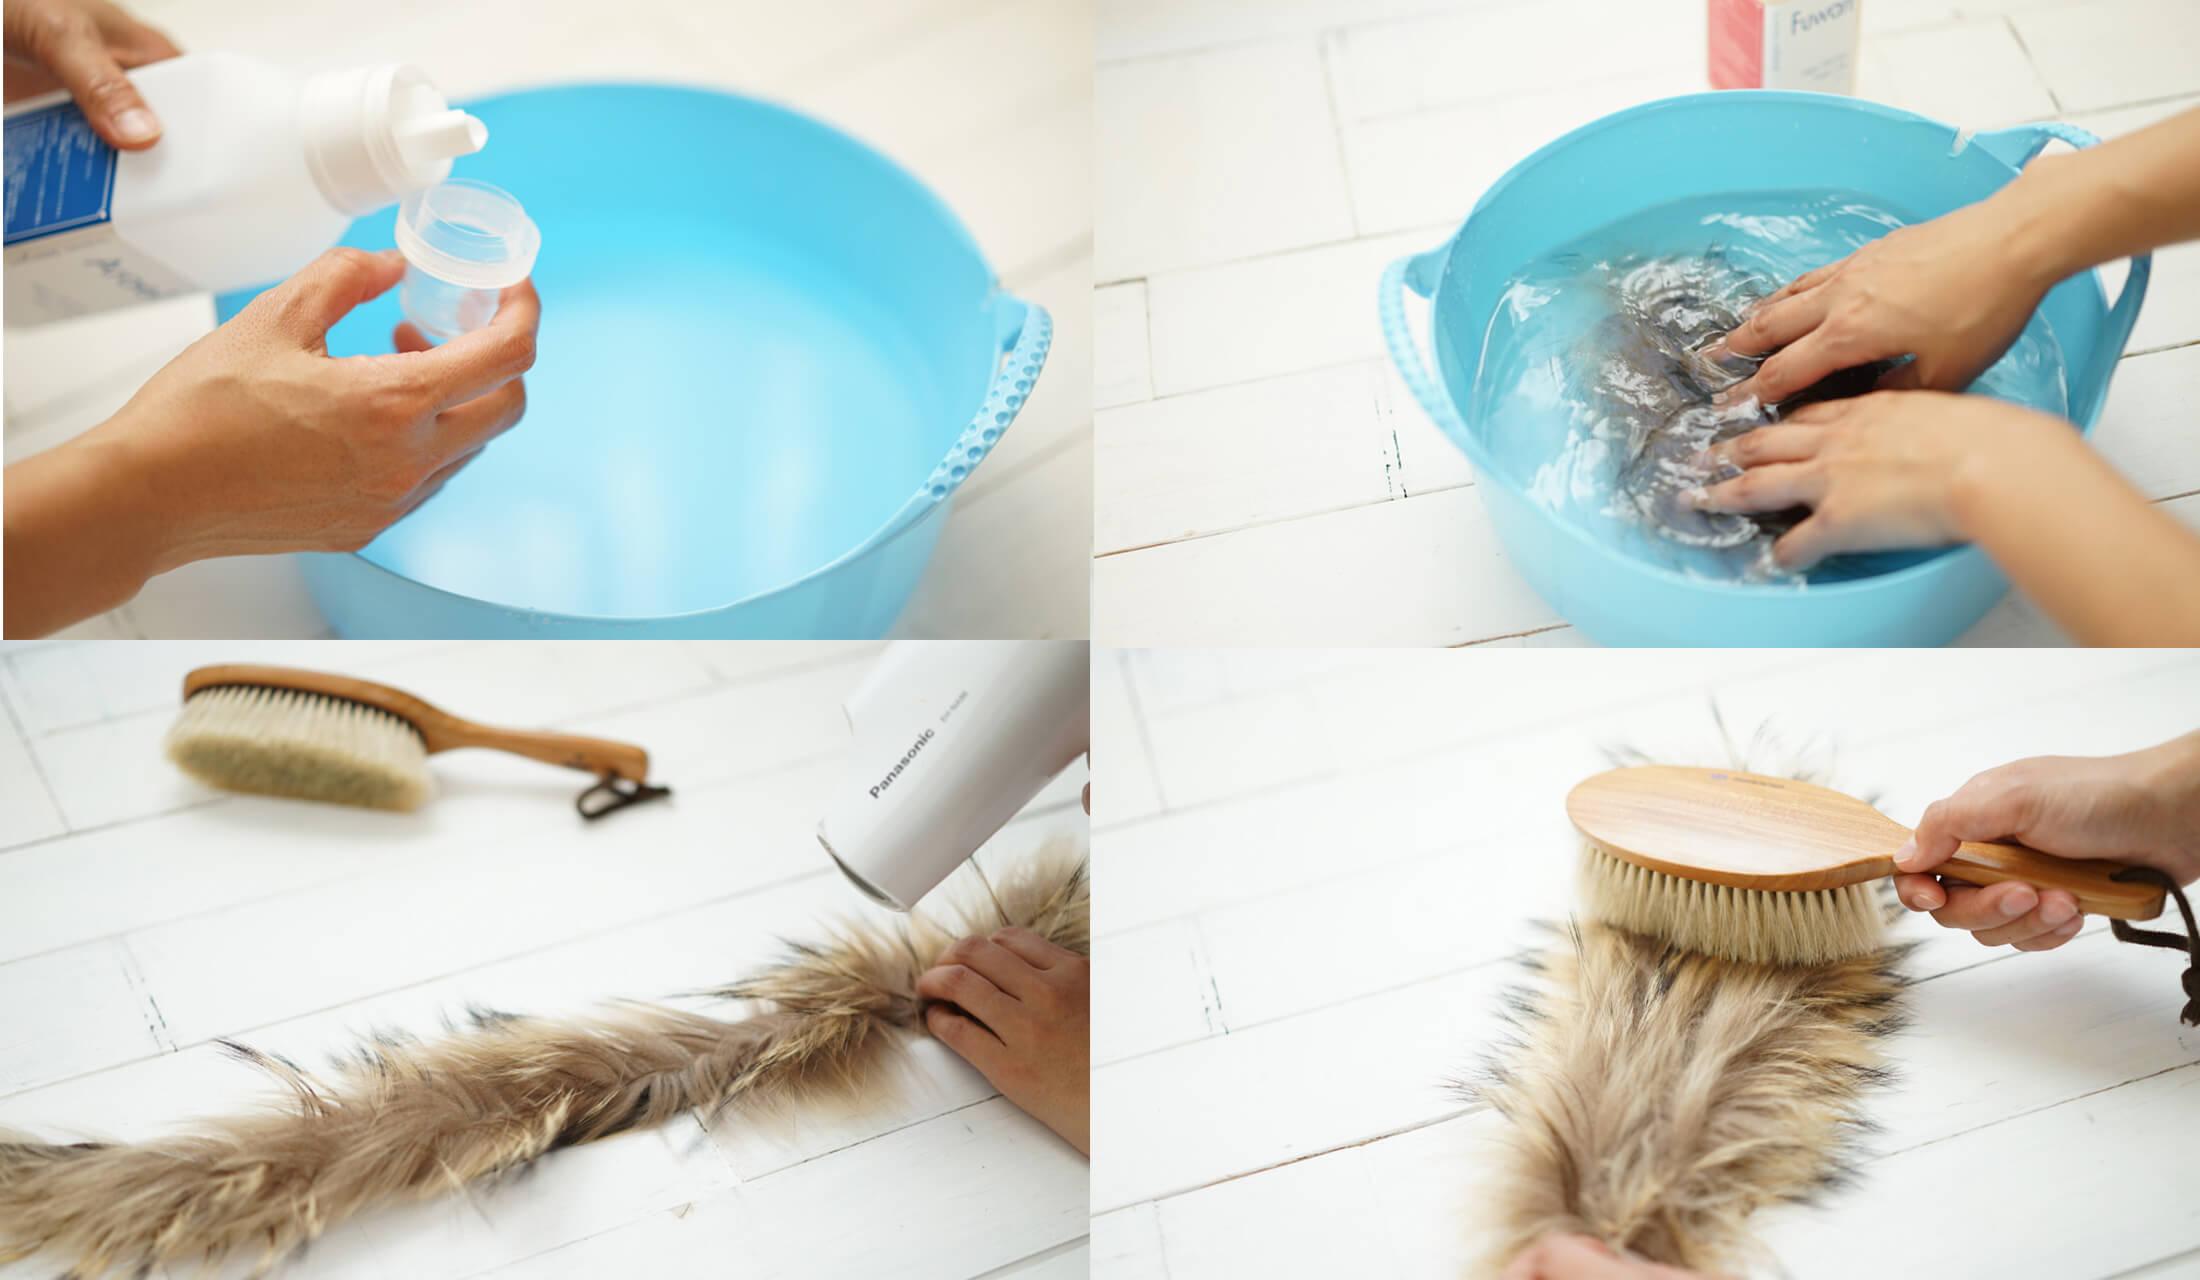 エコファーの洗うための桶に洗剤を入れ、洗ったあとドライヤーで乾かしブラッシングしている、それぞれの工程ごとの様子が写された4枚の写真